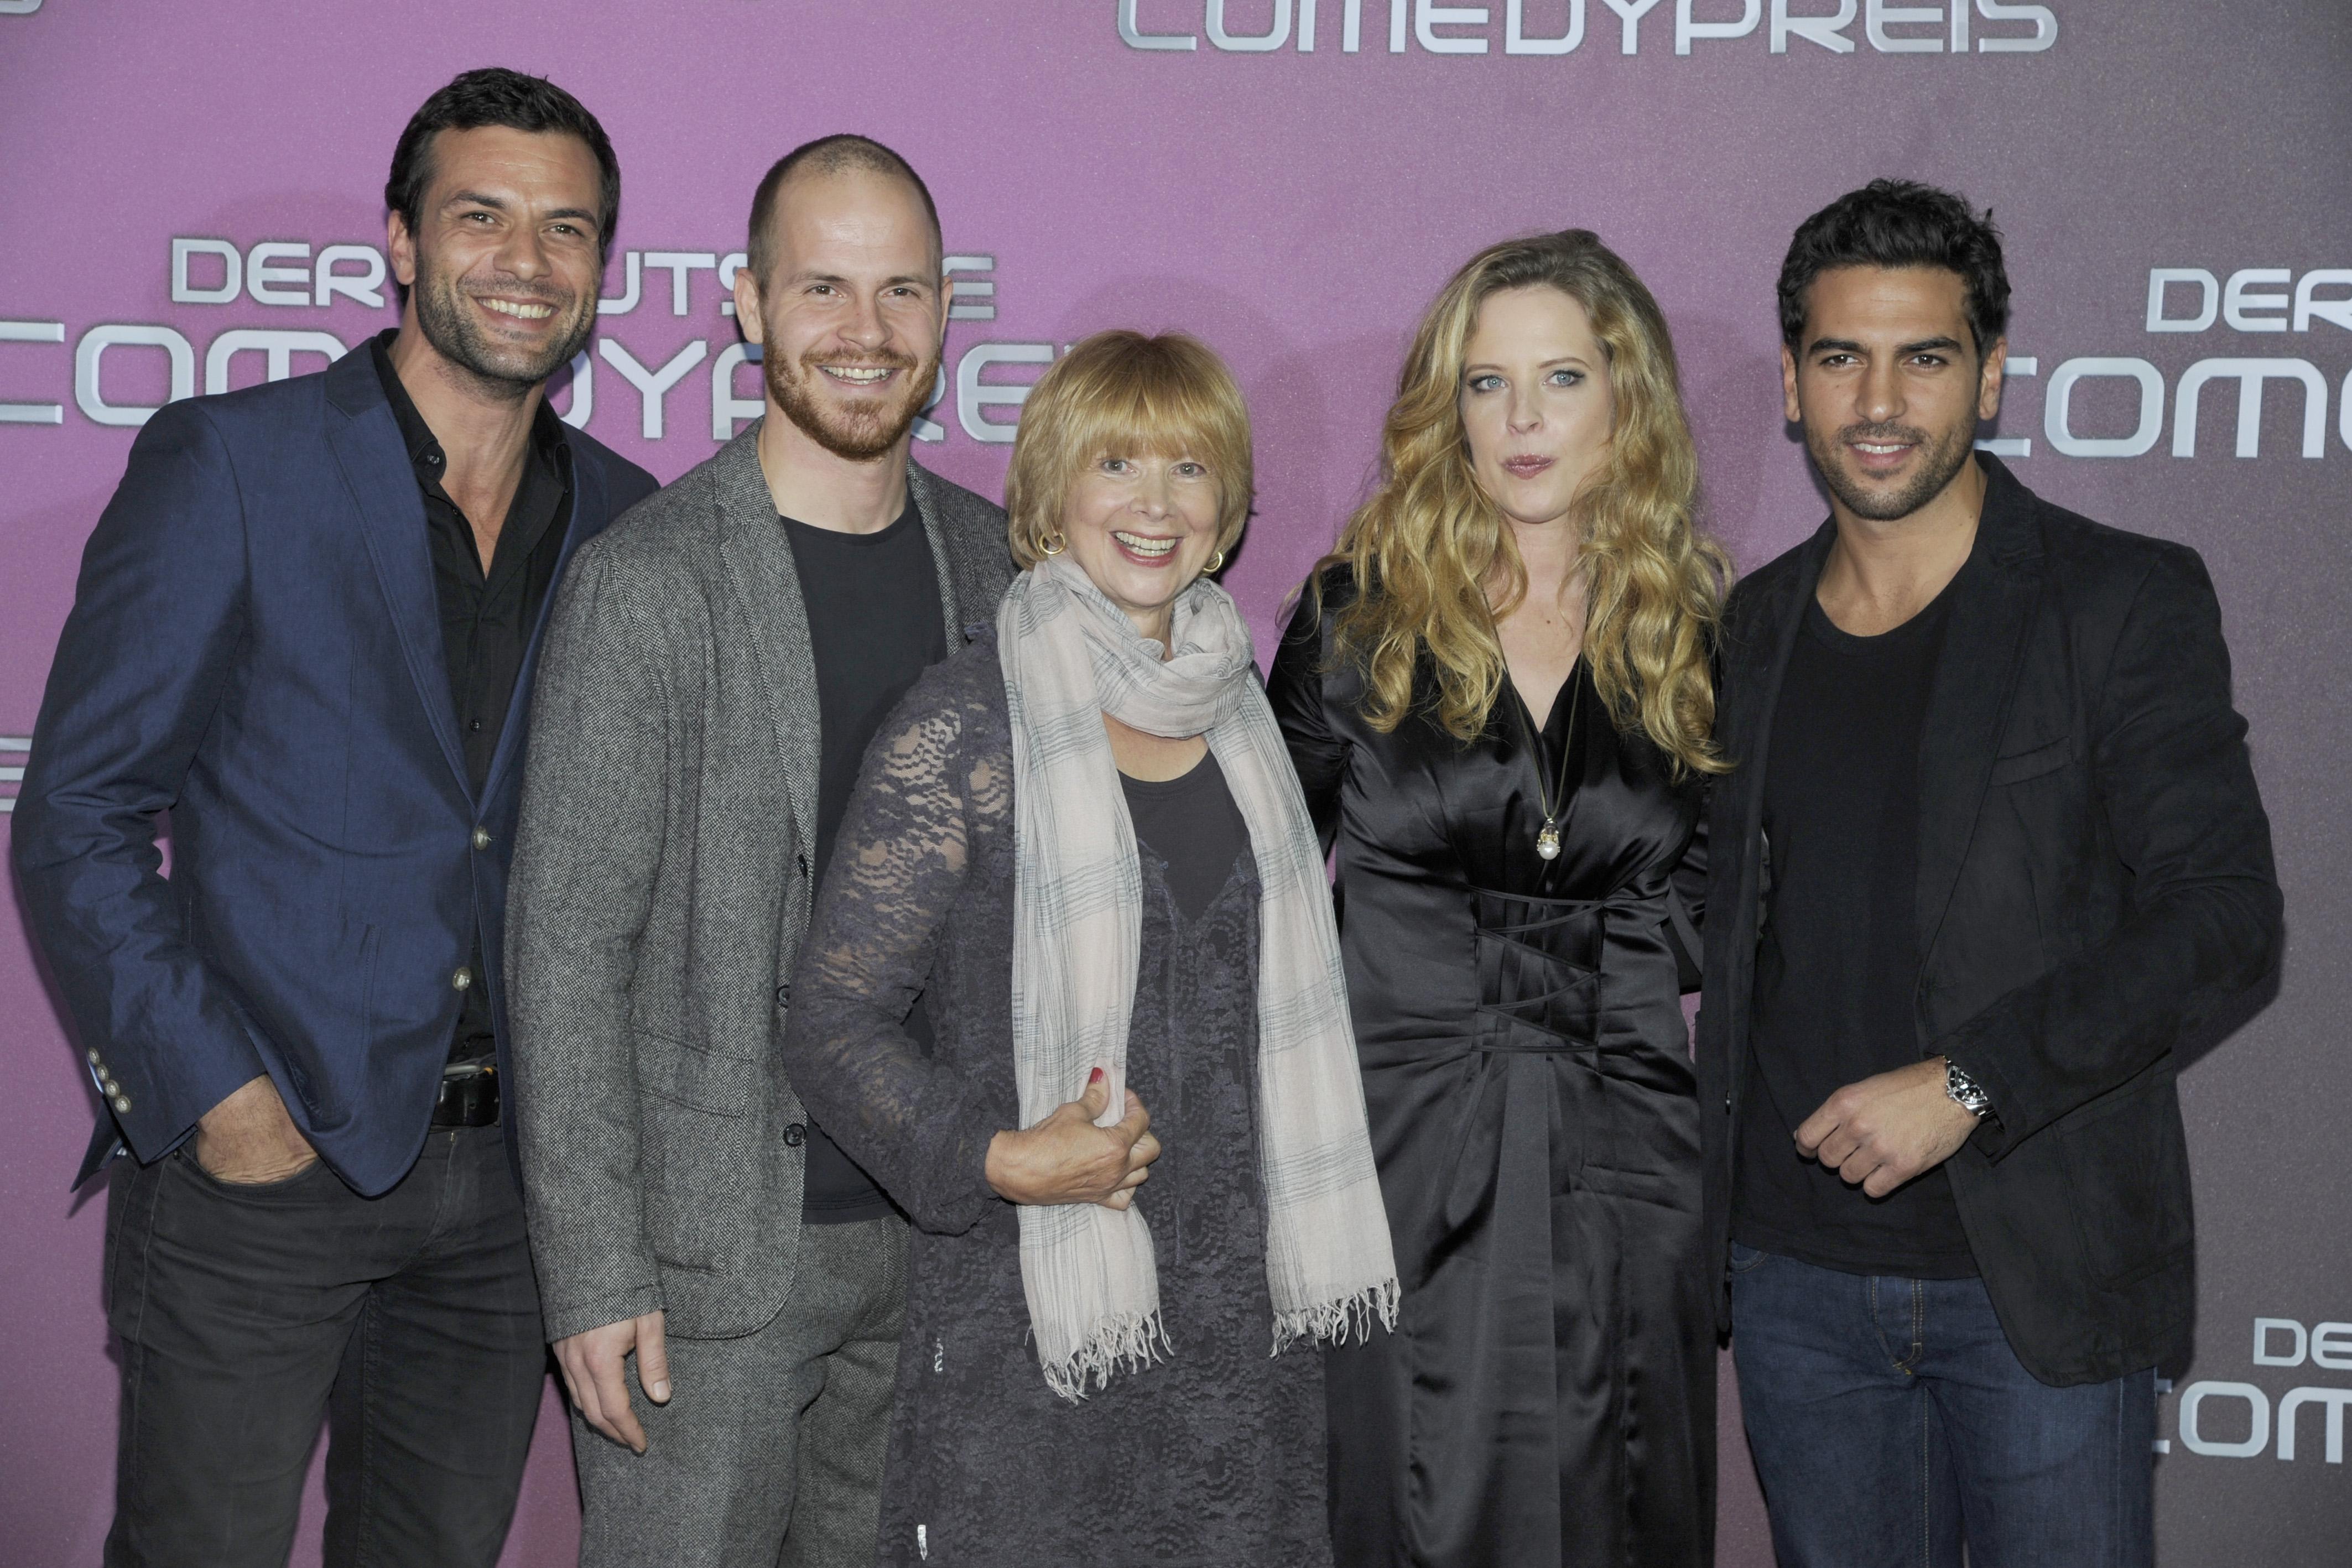 Das Team von Doctors Diary,  Roter Teppich, Red Carpet Show, Verleihung des Deutschen Comedy-Preises Deutscher Comedypreis 20